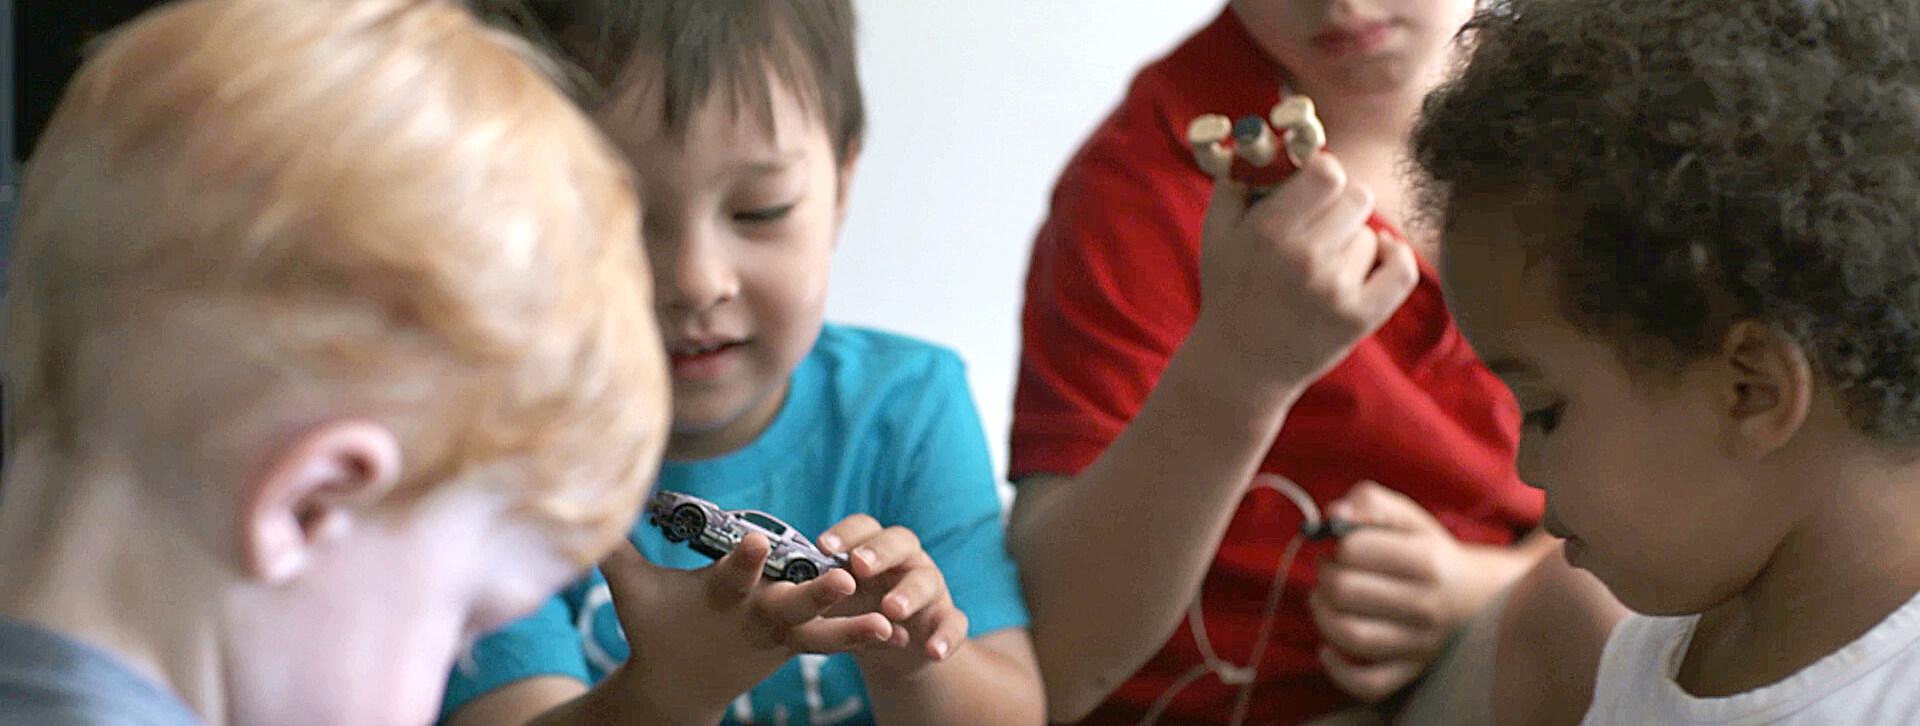 Un enfant joue avec une petite voiture au milieu d'autres enfants.